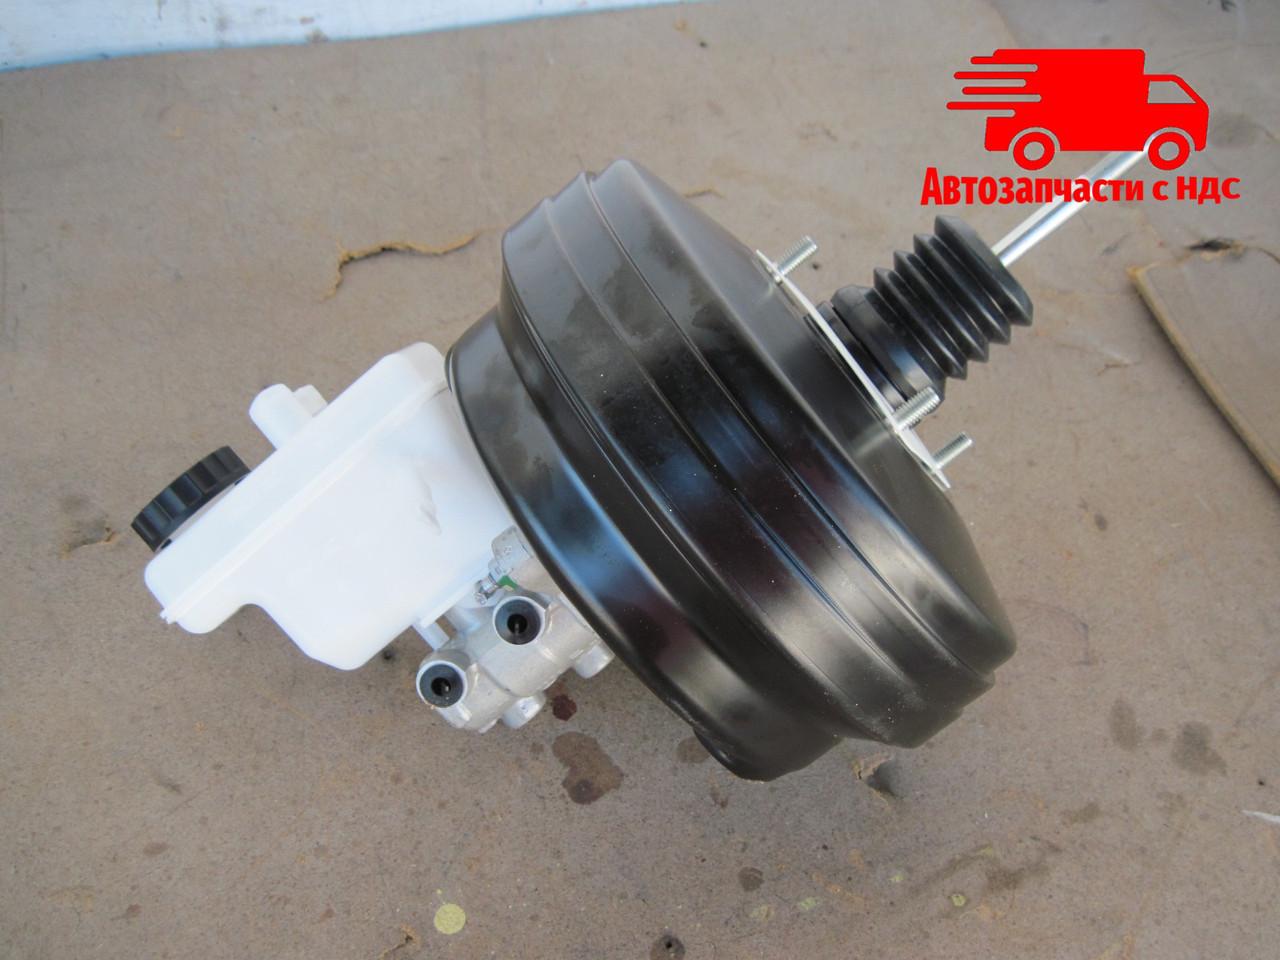 Усилитель тормозной вакуумный ГАЗЕЛЬ, ГАЗ 3302,ГАЗЕЛЬ-БИЗНЕС  Bosch. 0 204 702 834. Ціна з ПДВ.